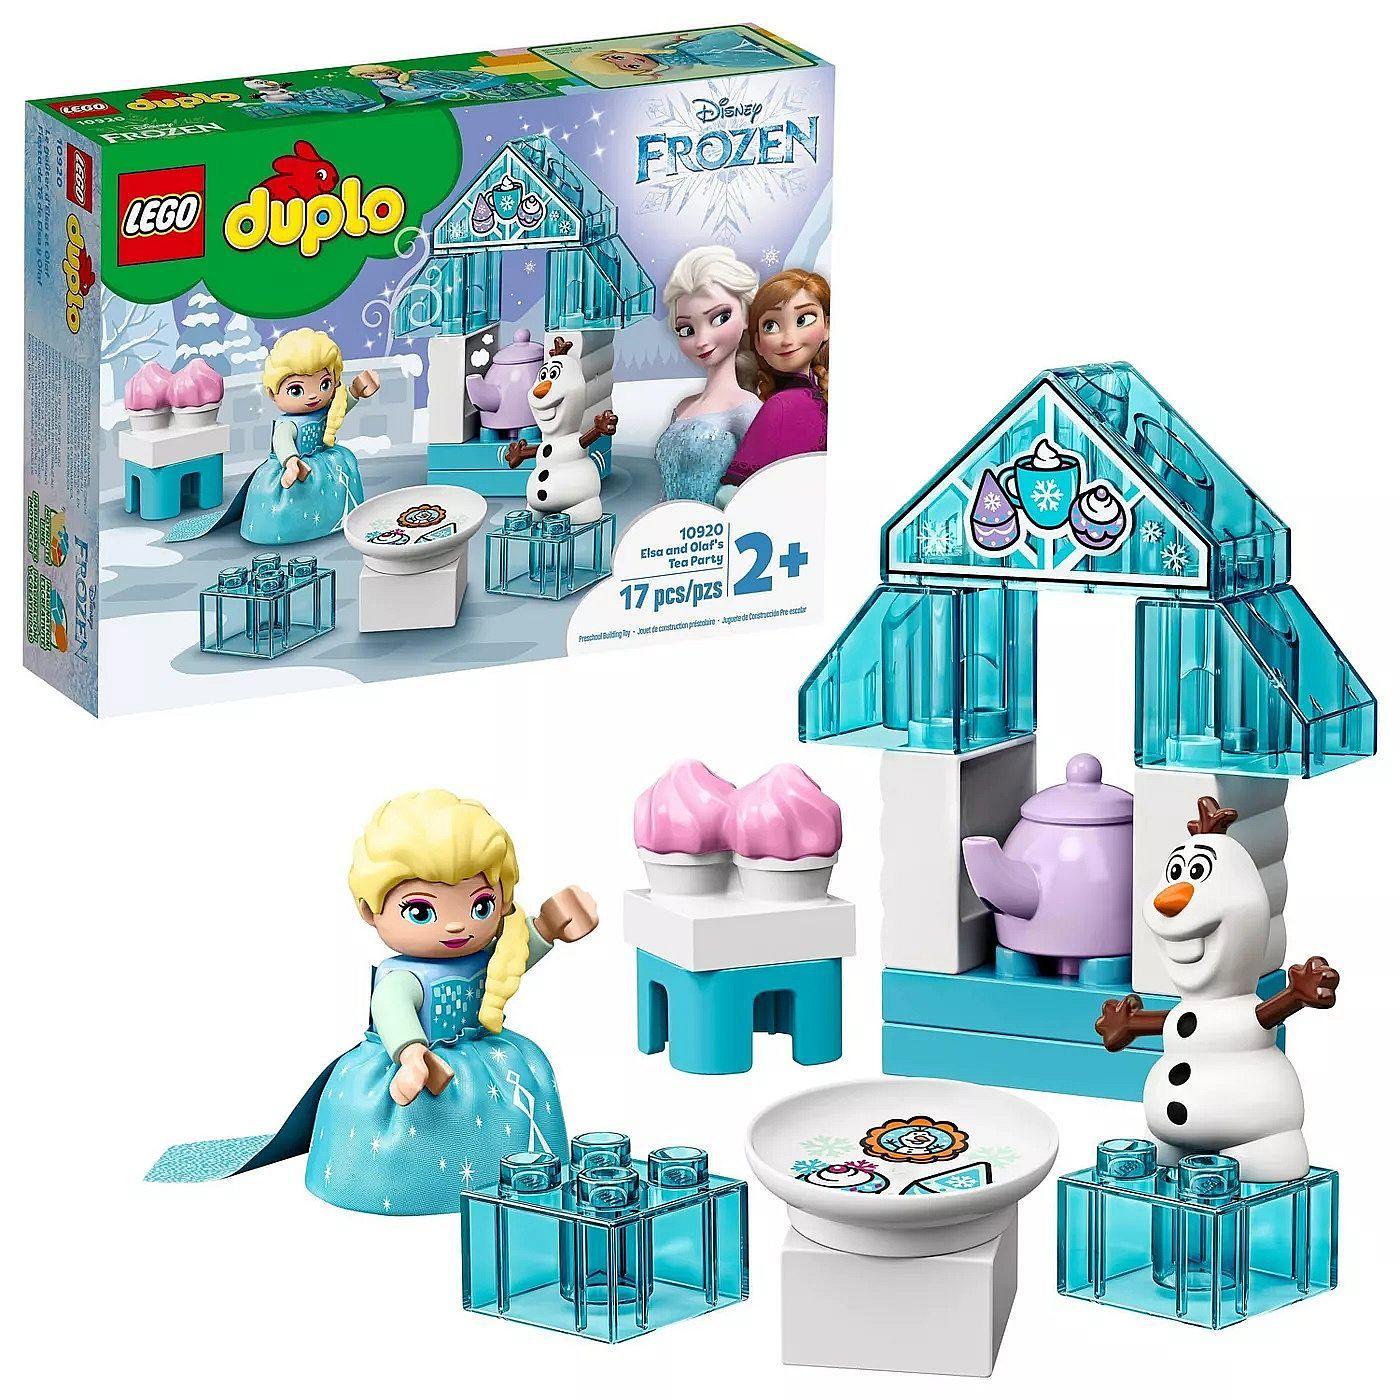 Конструктор Lego Duplo Princess - Чаеното парти на Елза и Олаф (10920) - 3